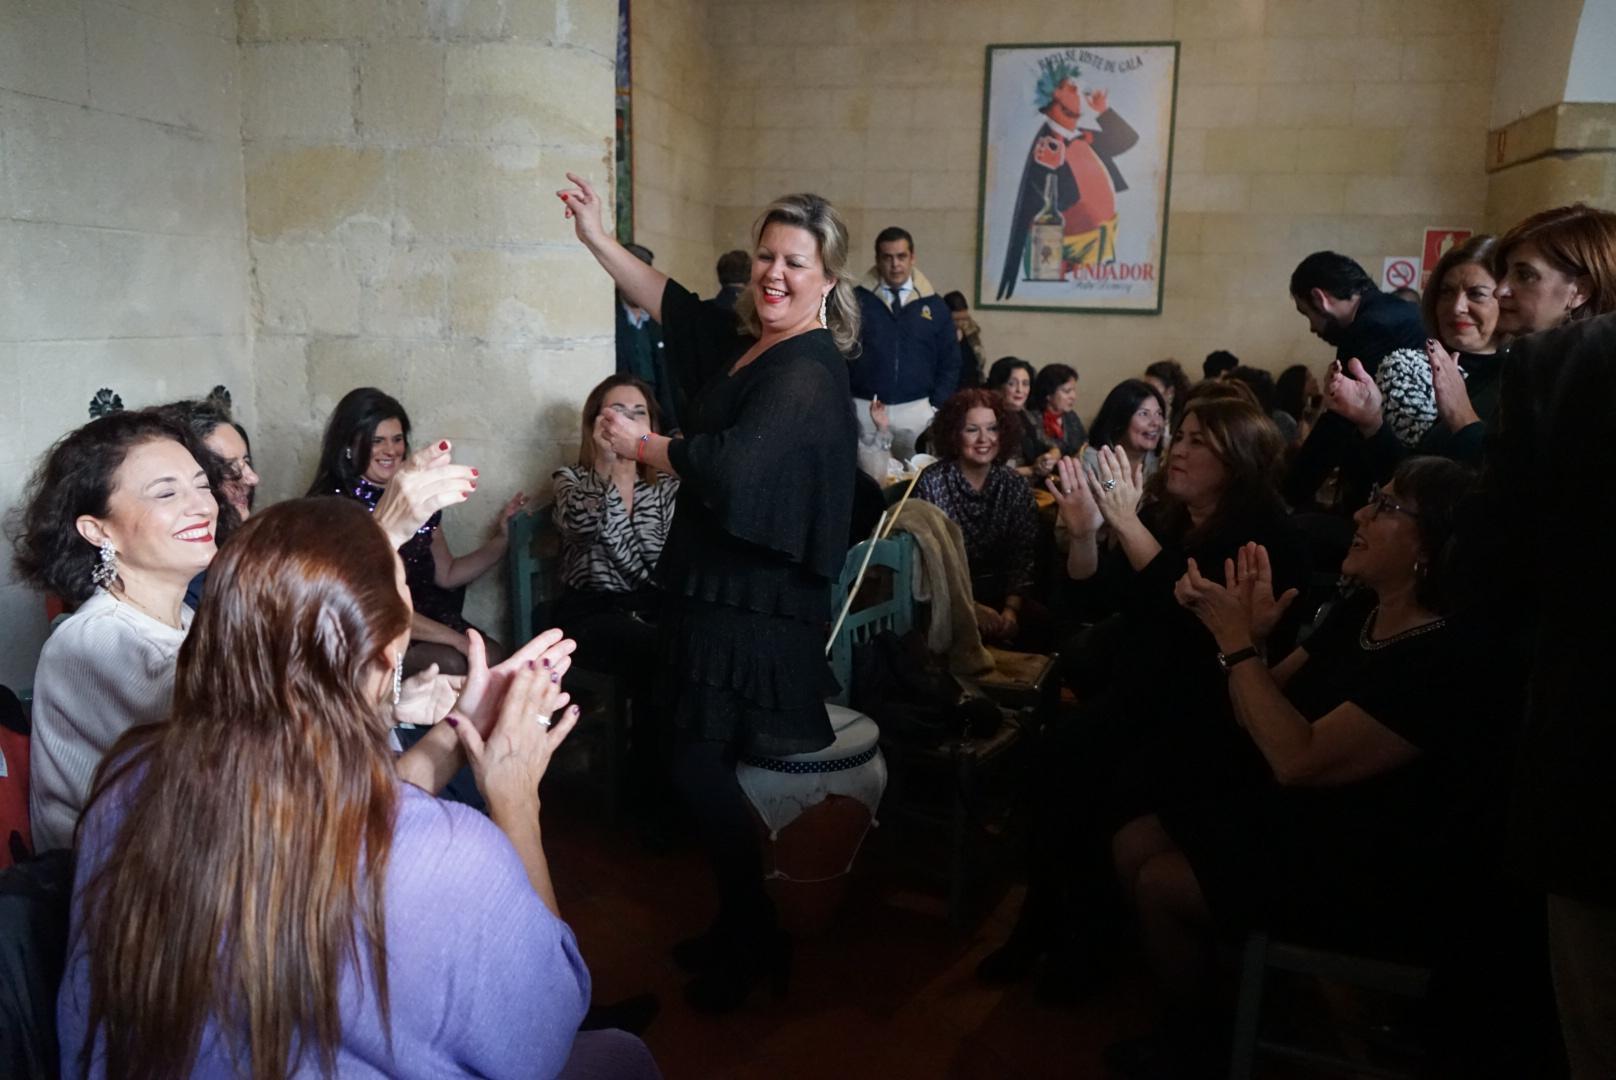 La Peña Flamenca 'Buena Gente' y Bodegas Fundador vuelven a celebrar con éxito la Navidad en Jerez